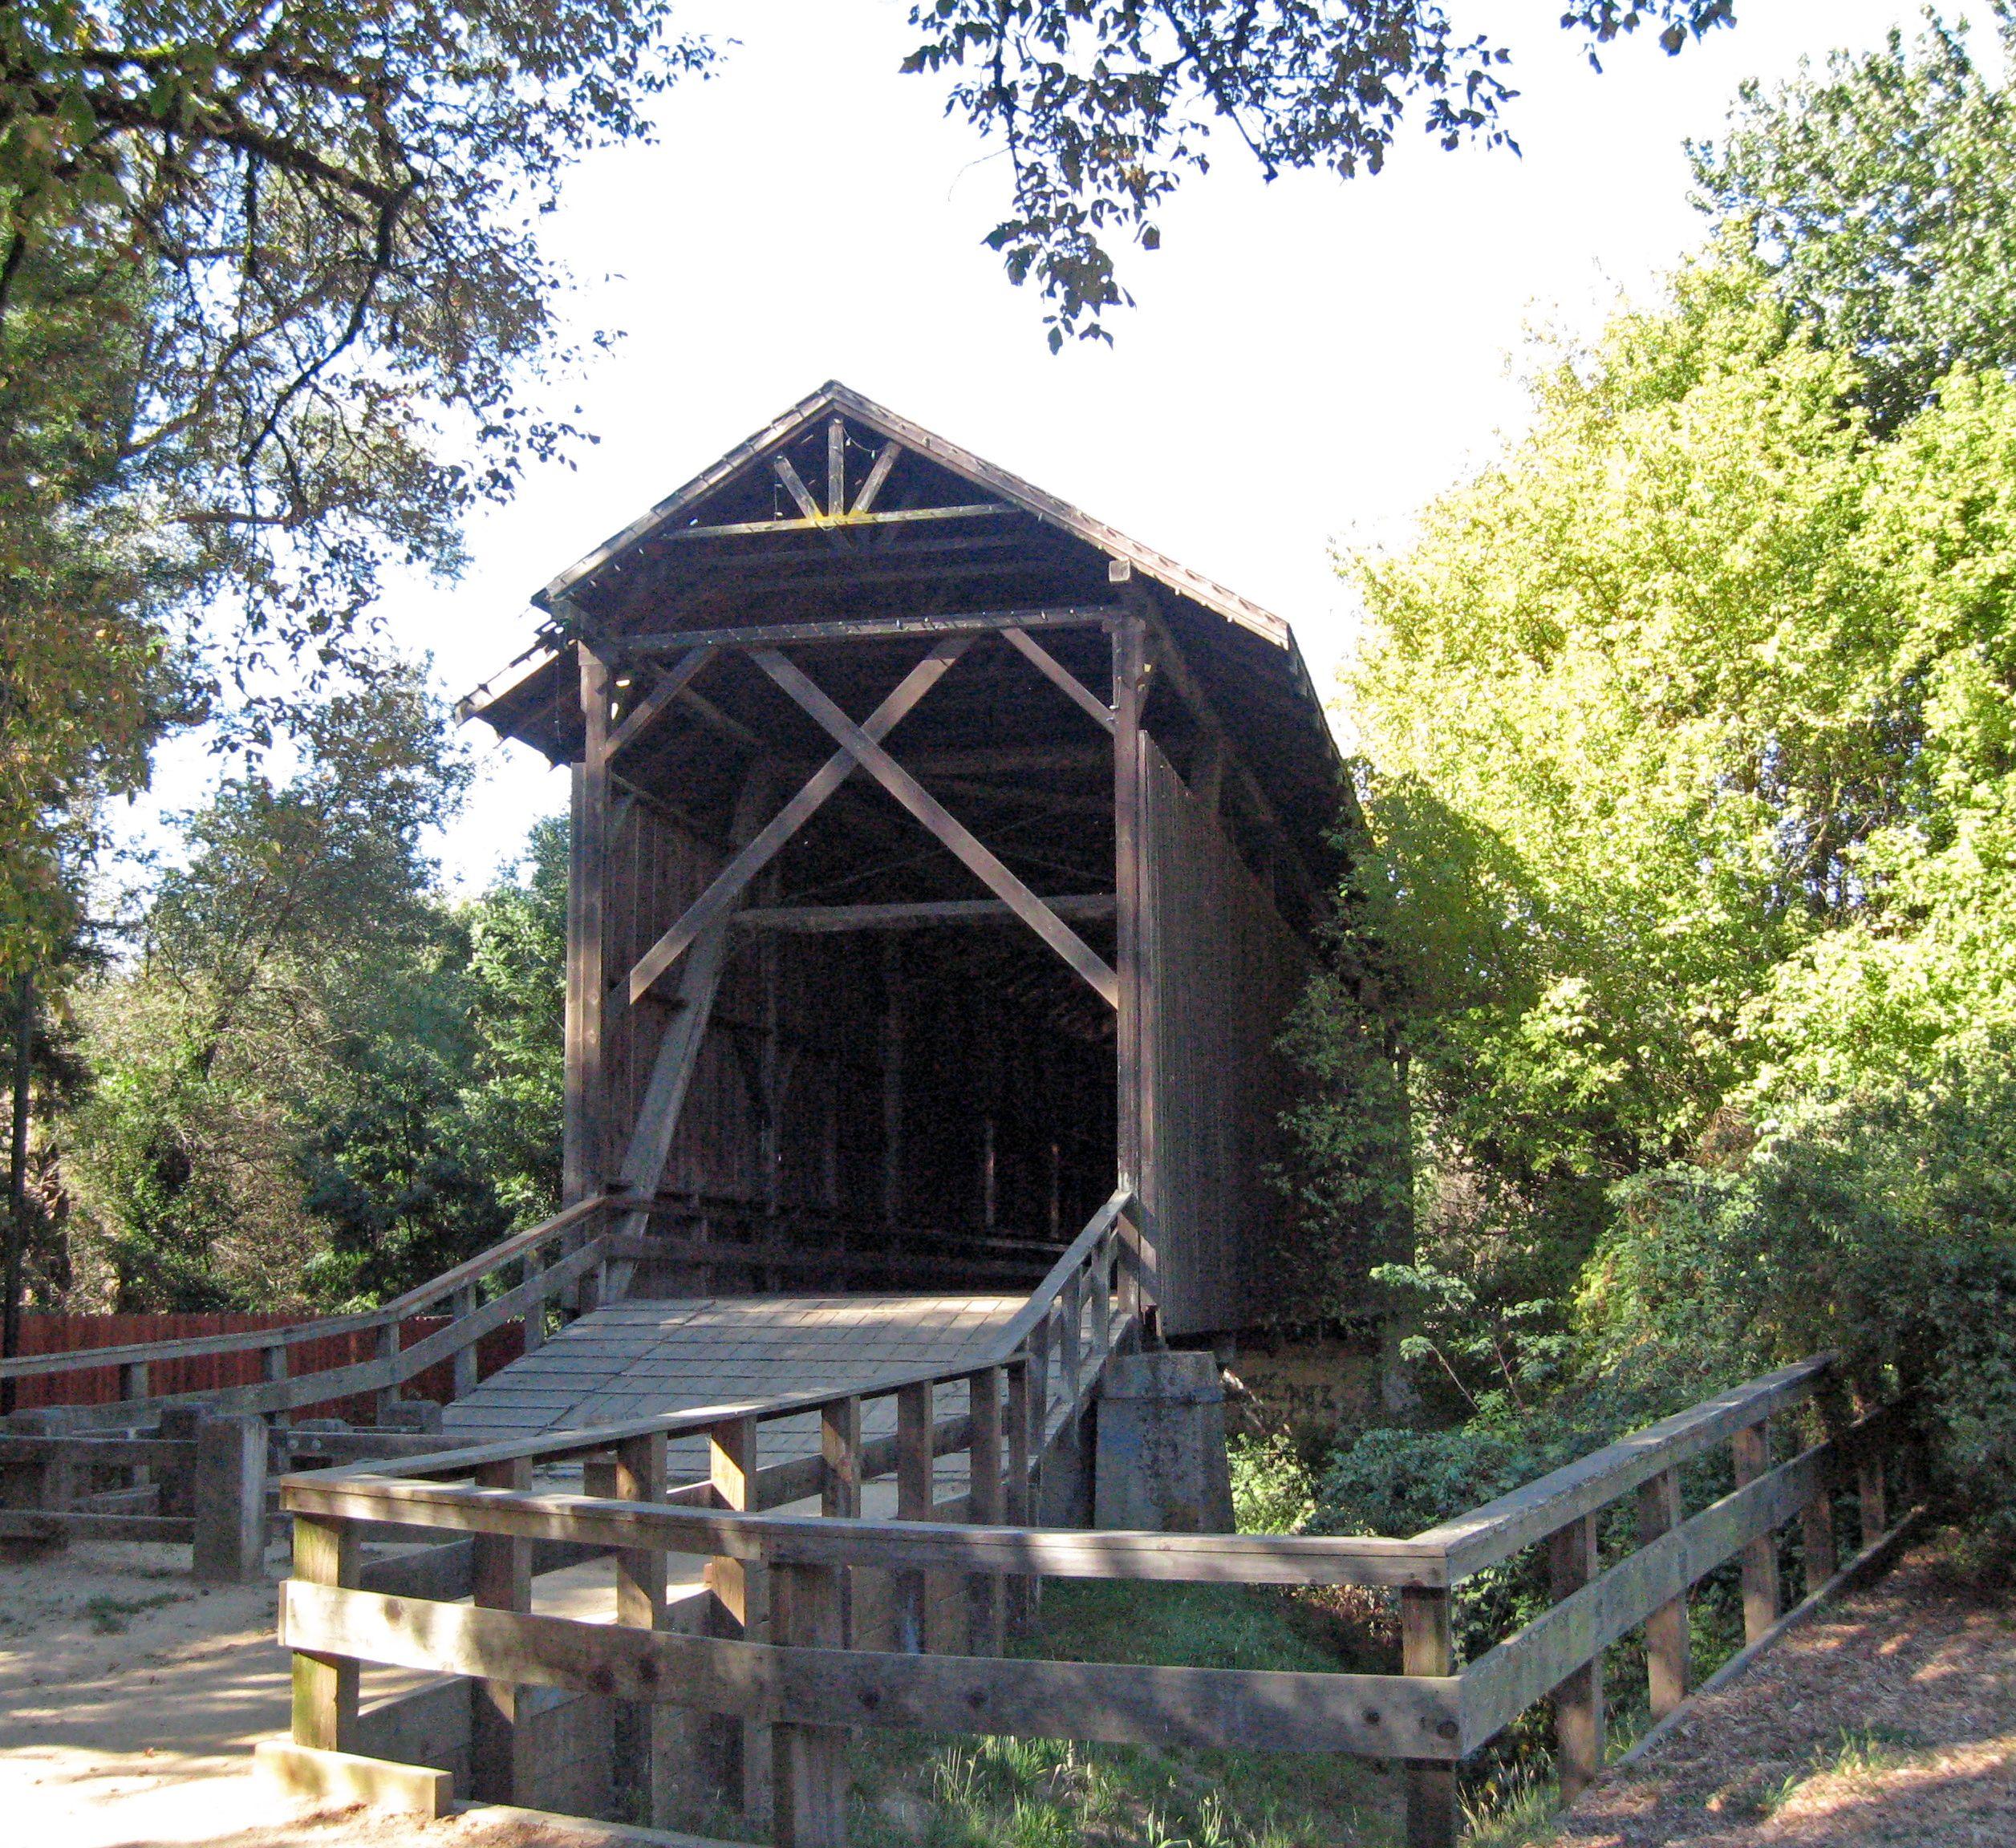 Google Image Result for http://upload.wikimedia.org/wikipedia/commons/d/db/Felton,_California_covered_bridge.jpg